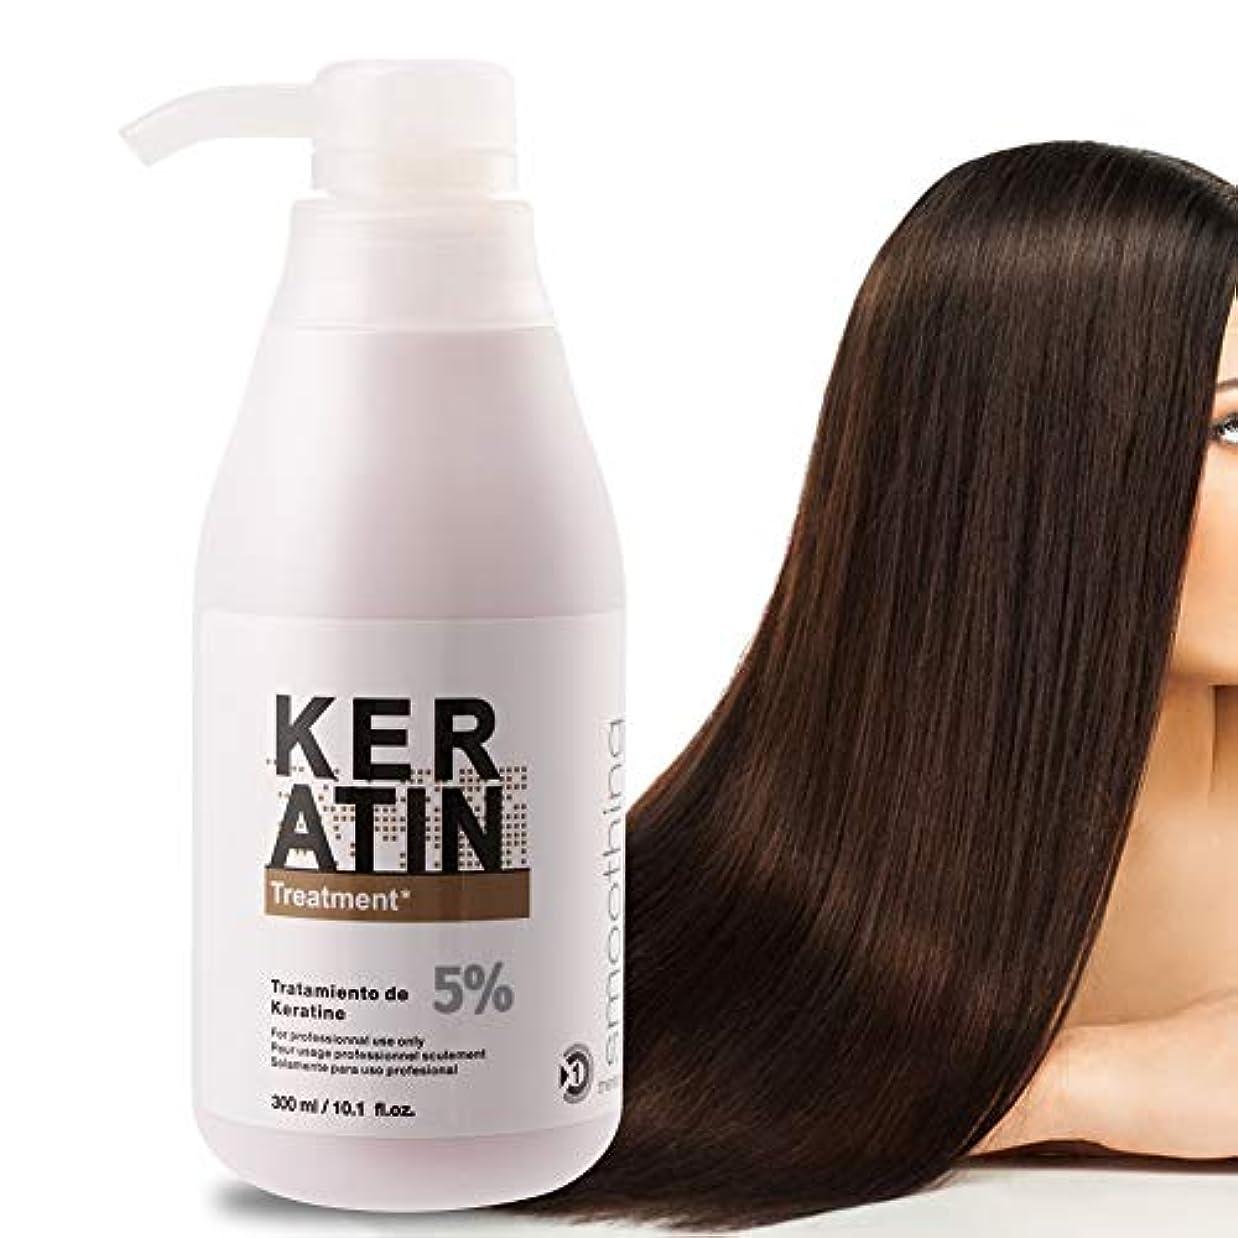 アイロニー手のひら二週間乾いた、ダメージを受けた、そして化学的に処理された髪のためのケラチンとタンパク質のケラチンヘアマスク、300mlブラジルのケラチンヘアトリートメント